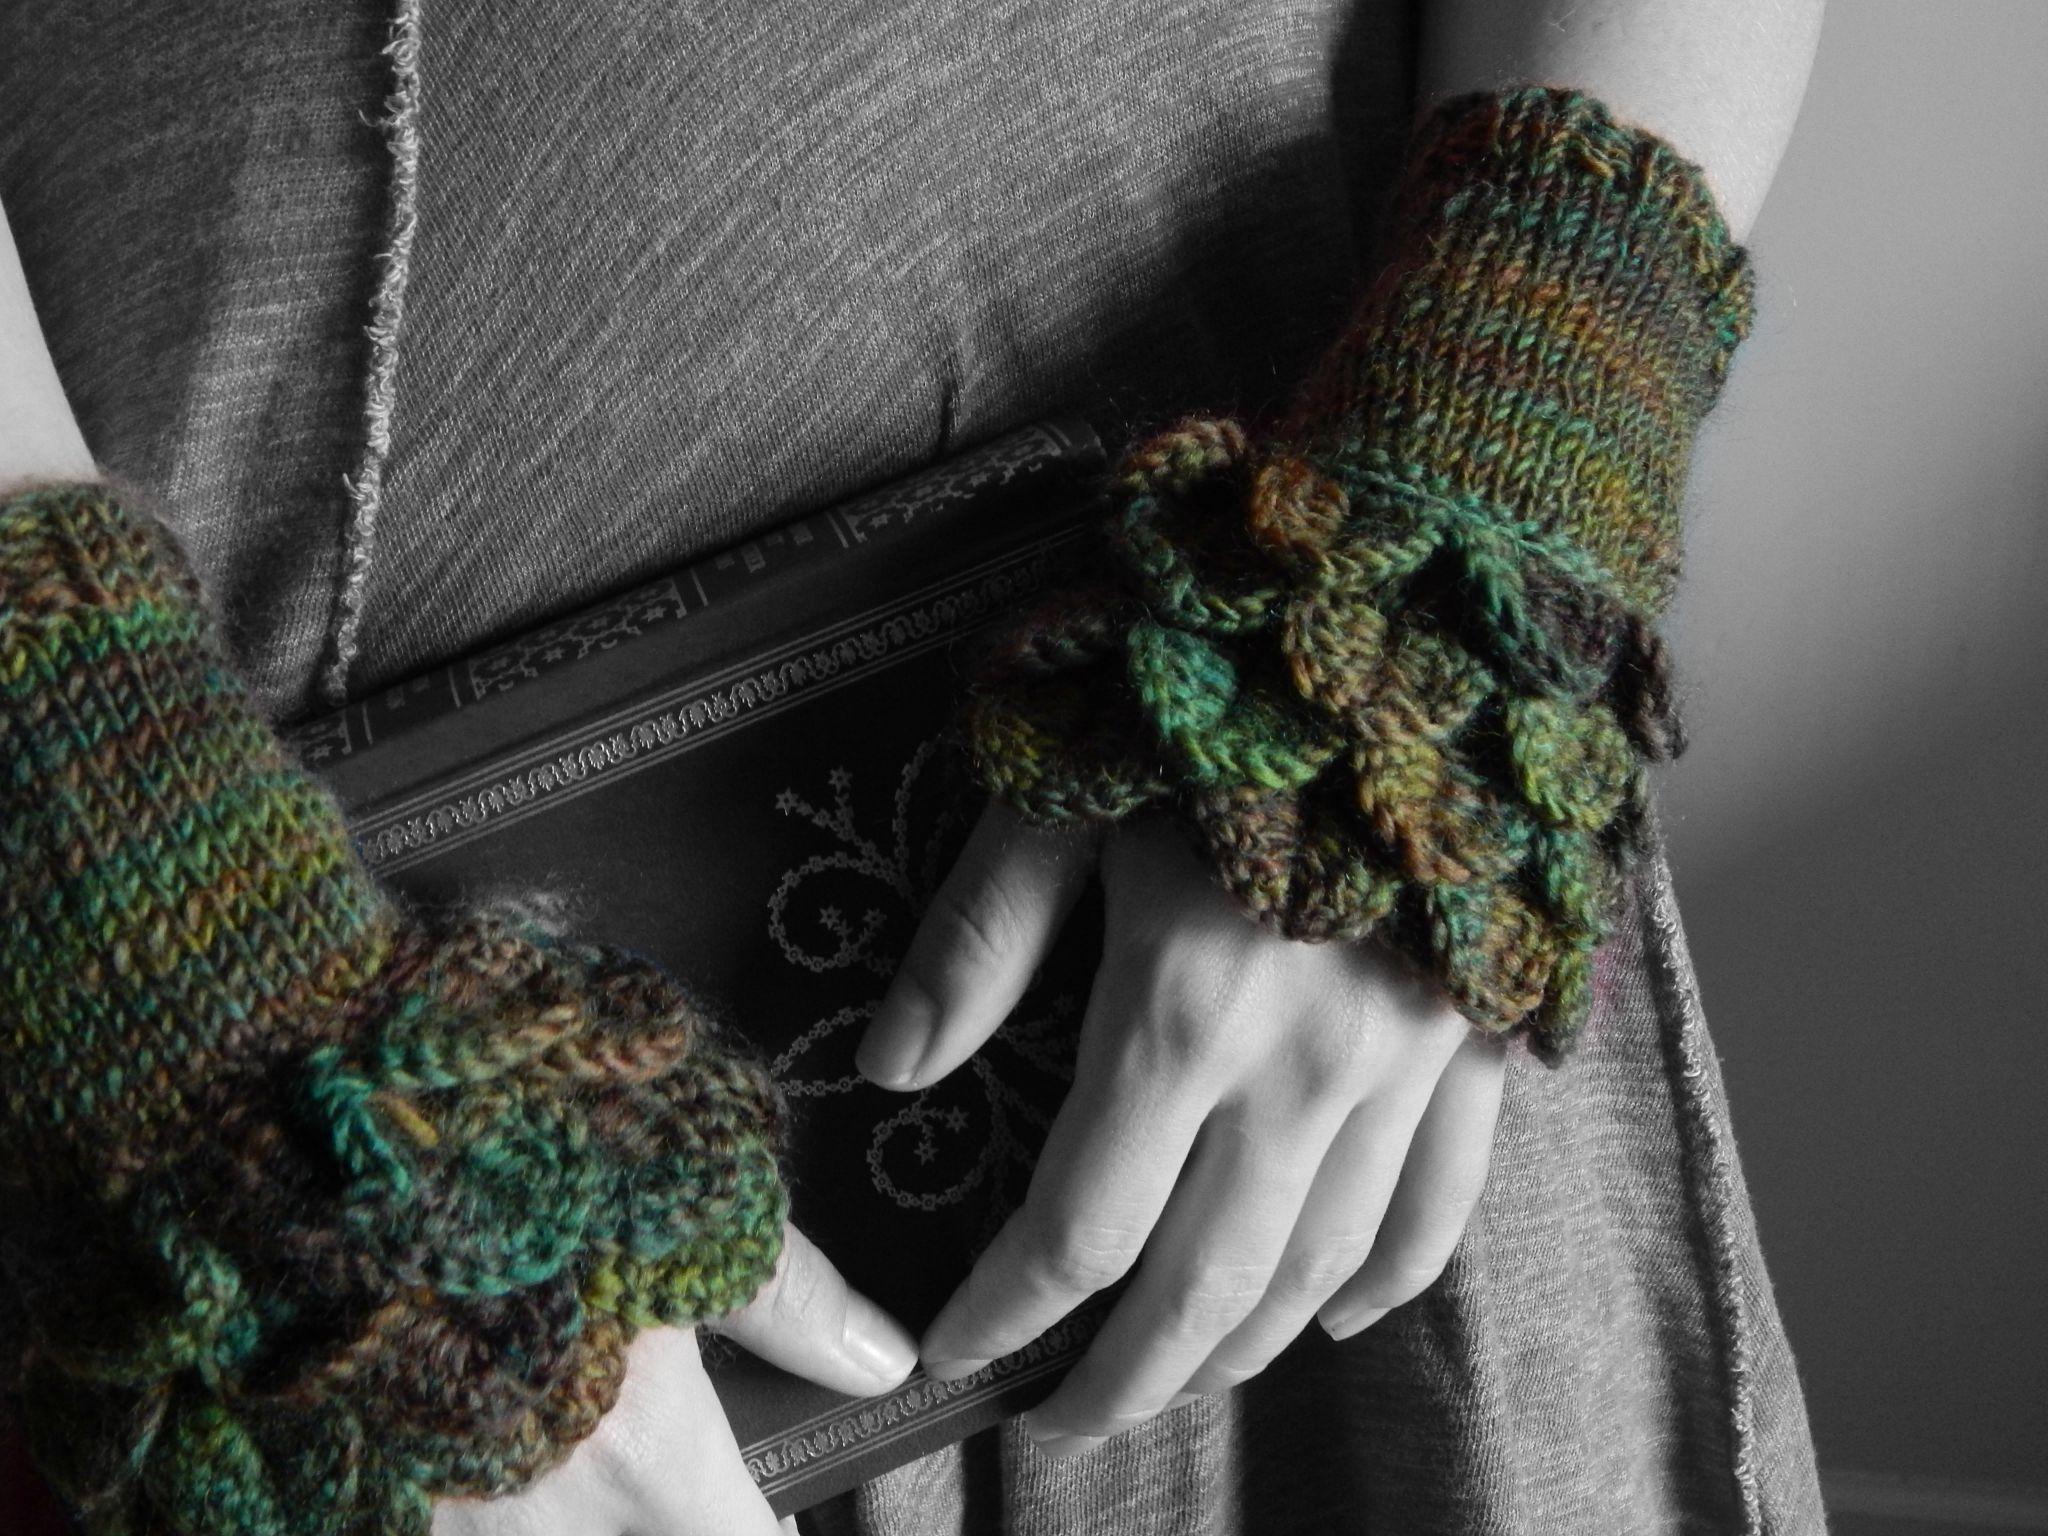 Crocodile stitch forest cuffs | Moogly Community Board | Pinterest ...